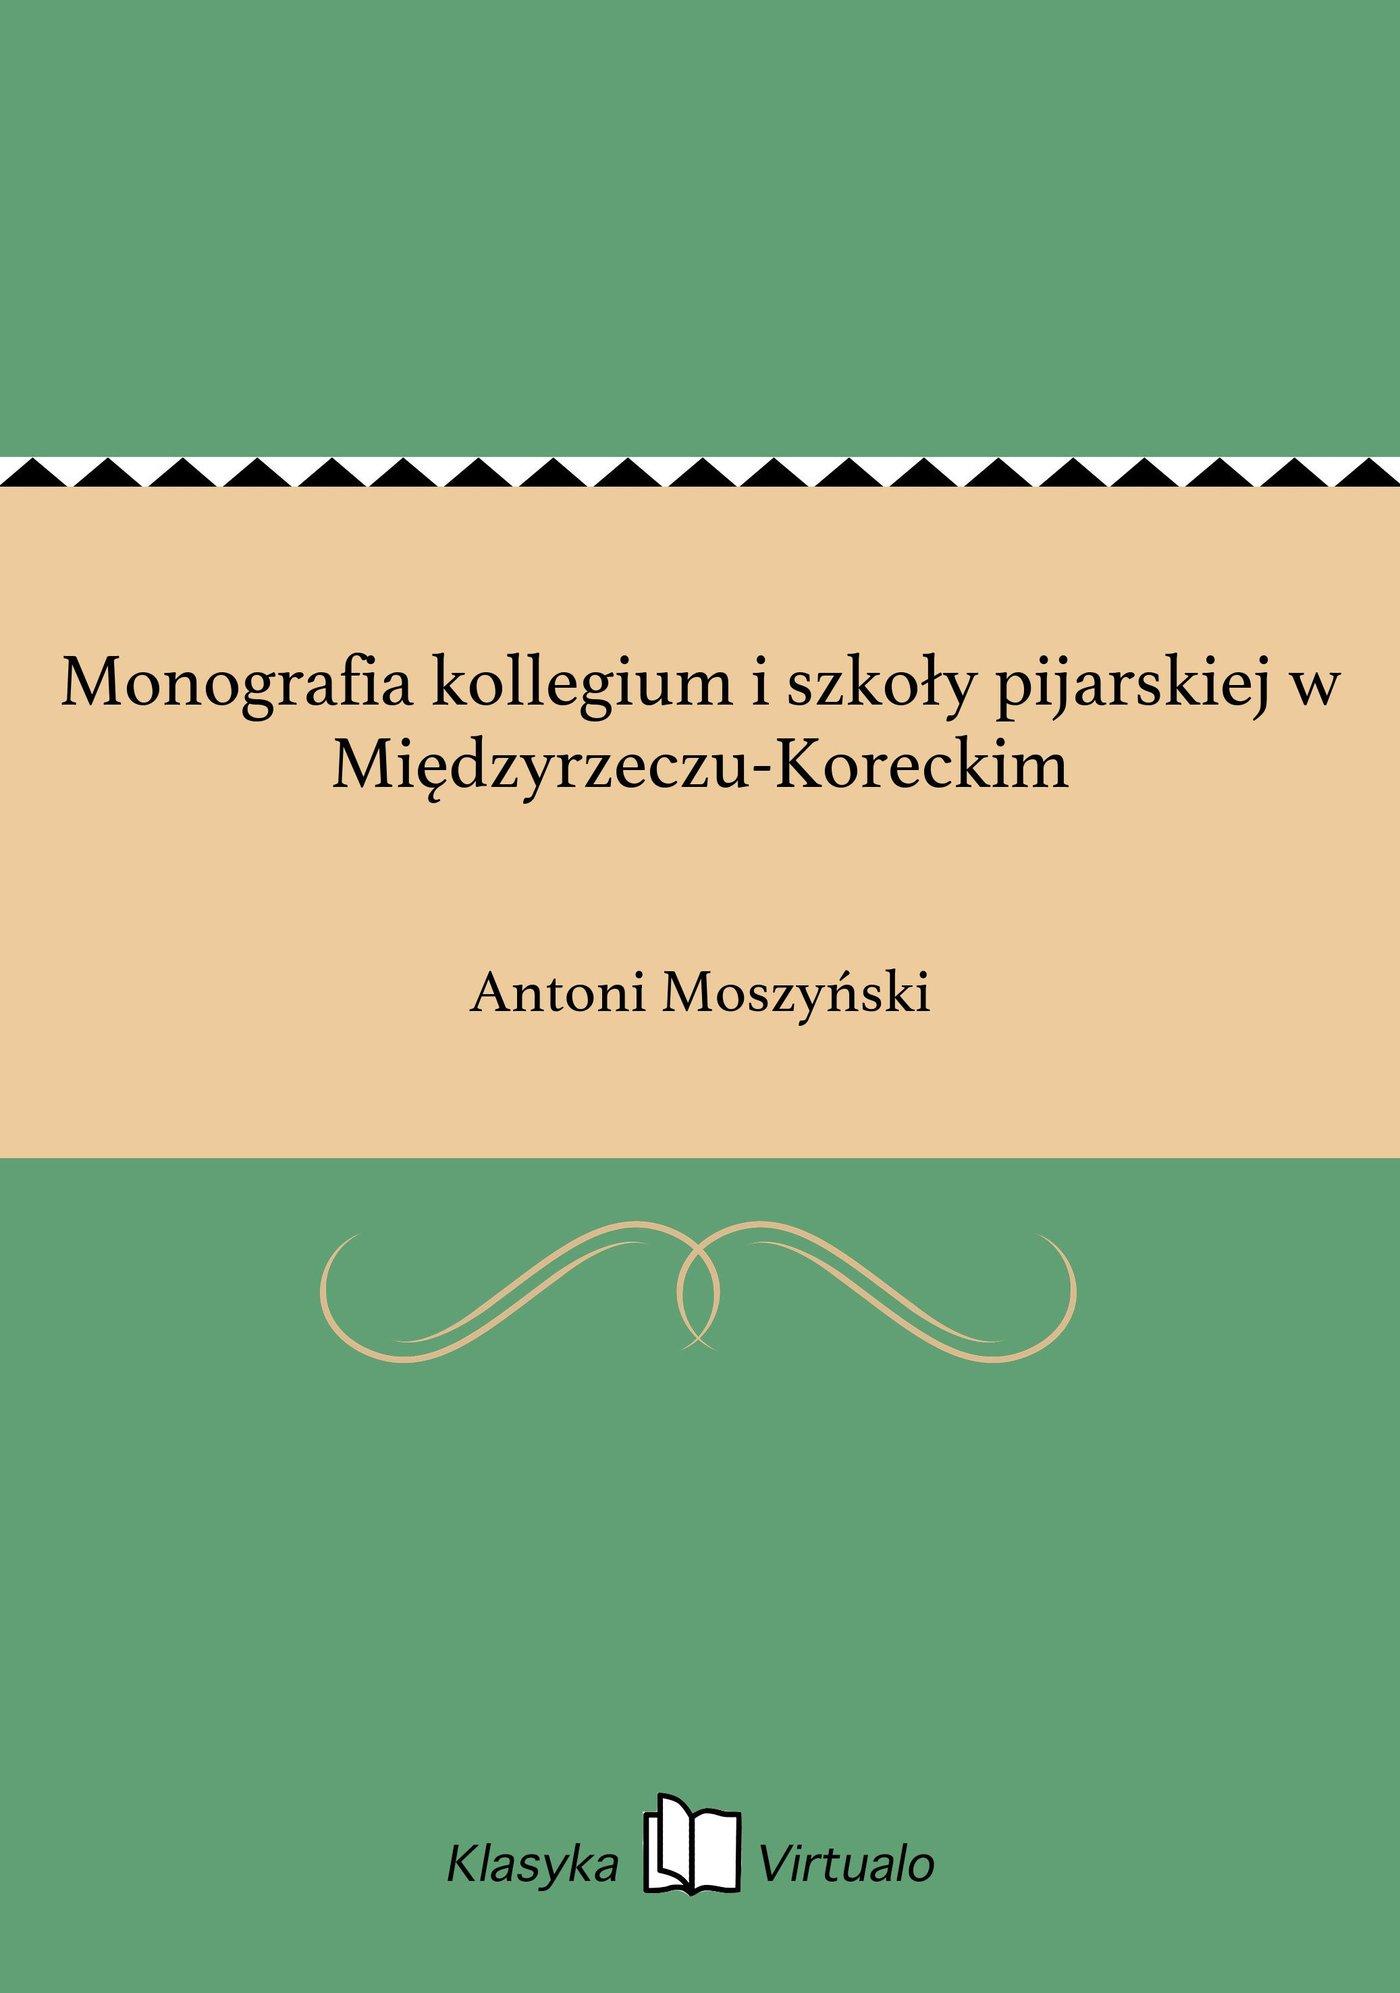 Monografia kollegium i szkoły pijarskiej w Międzyrzeczu-Koreckim - Ebook (Książka EPUB) do pobrania w formacie EPUB